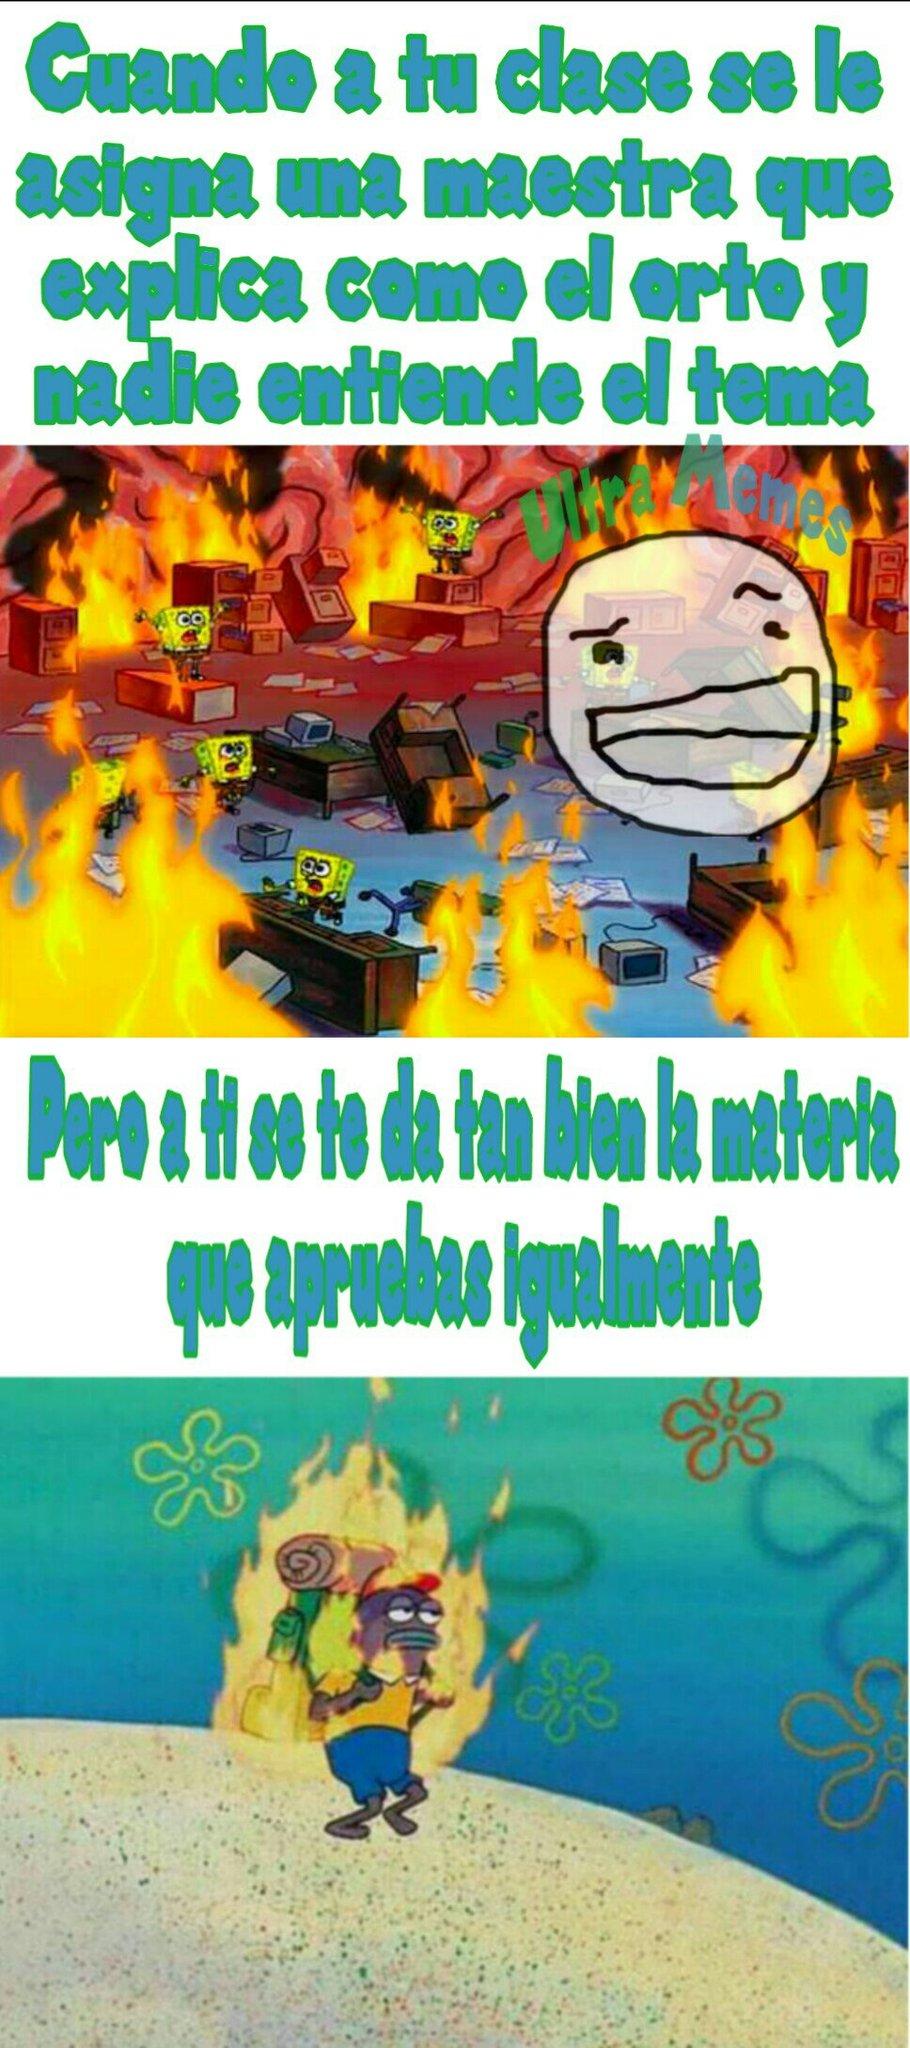 A mi me pasa con inglés - meme